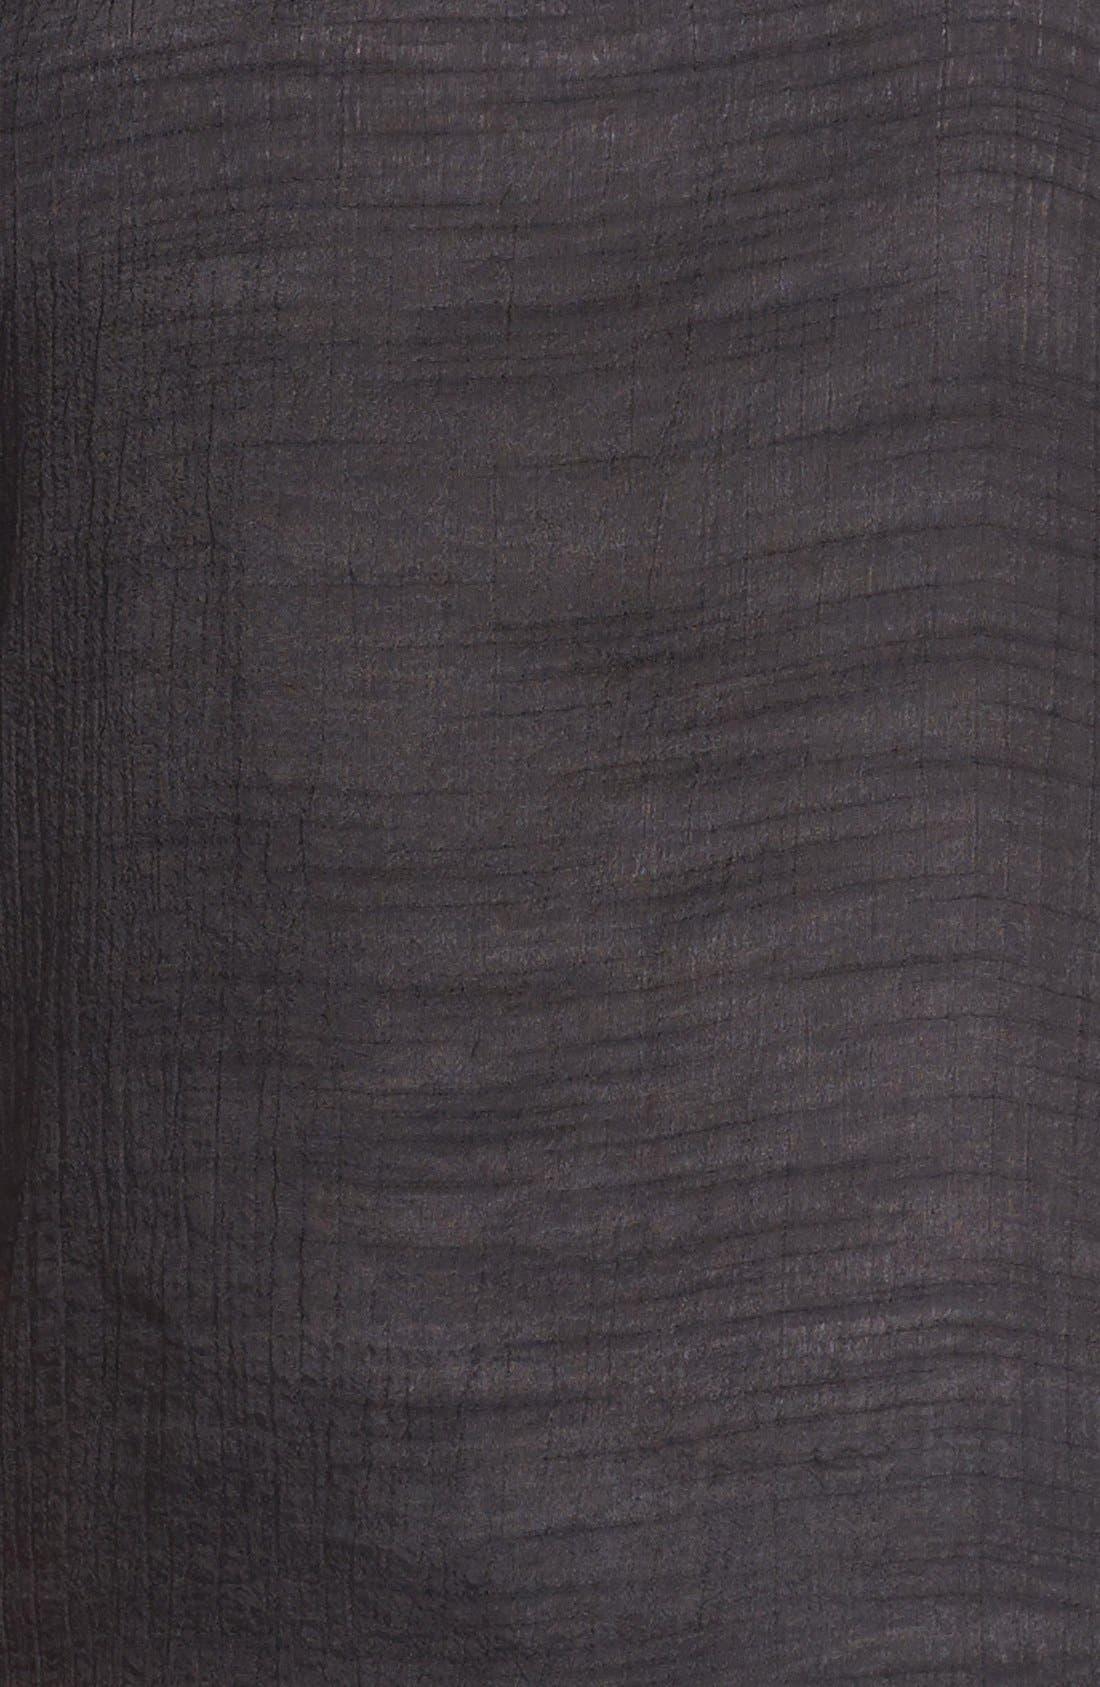 Alternate Image 3  - Painted Threads Crinkled Tee (Juniors Plus)